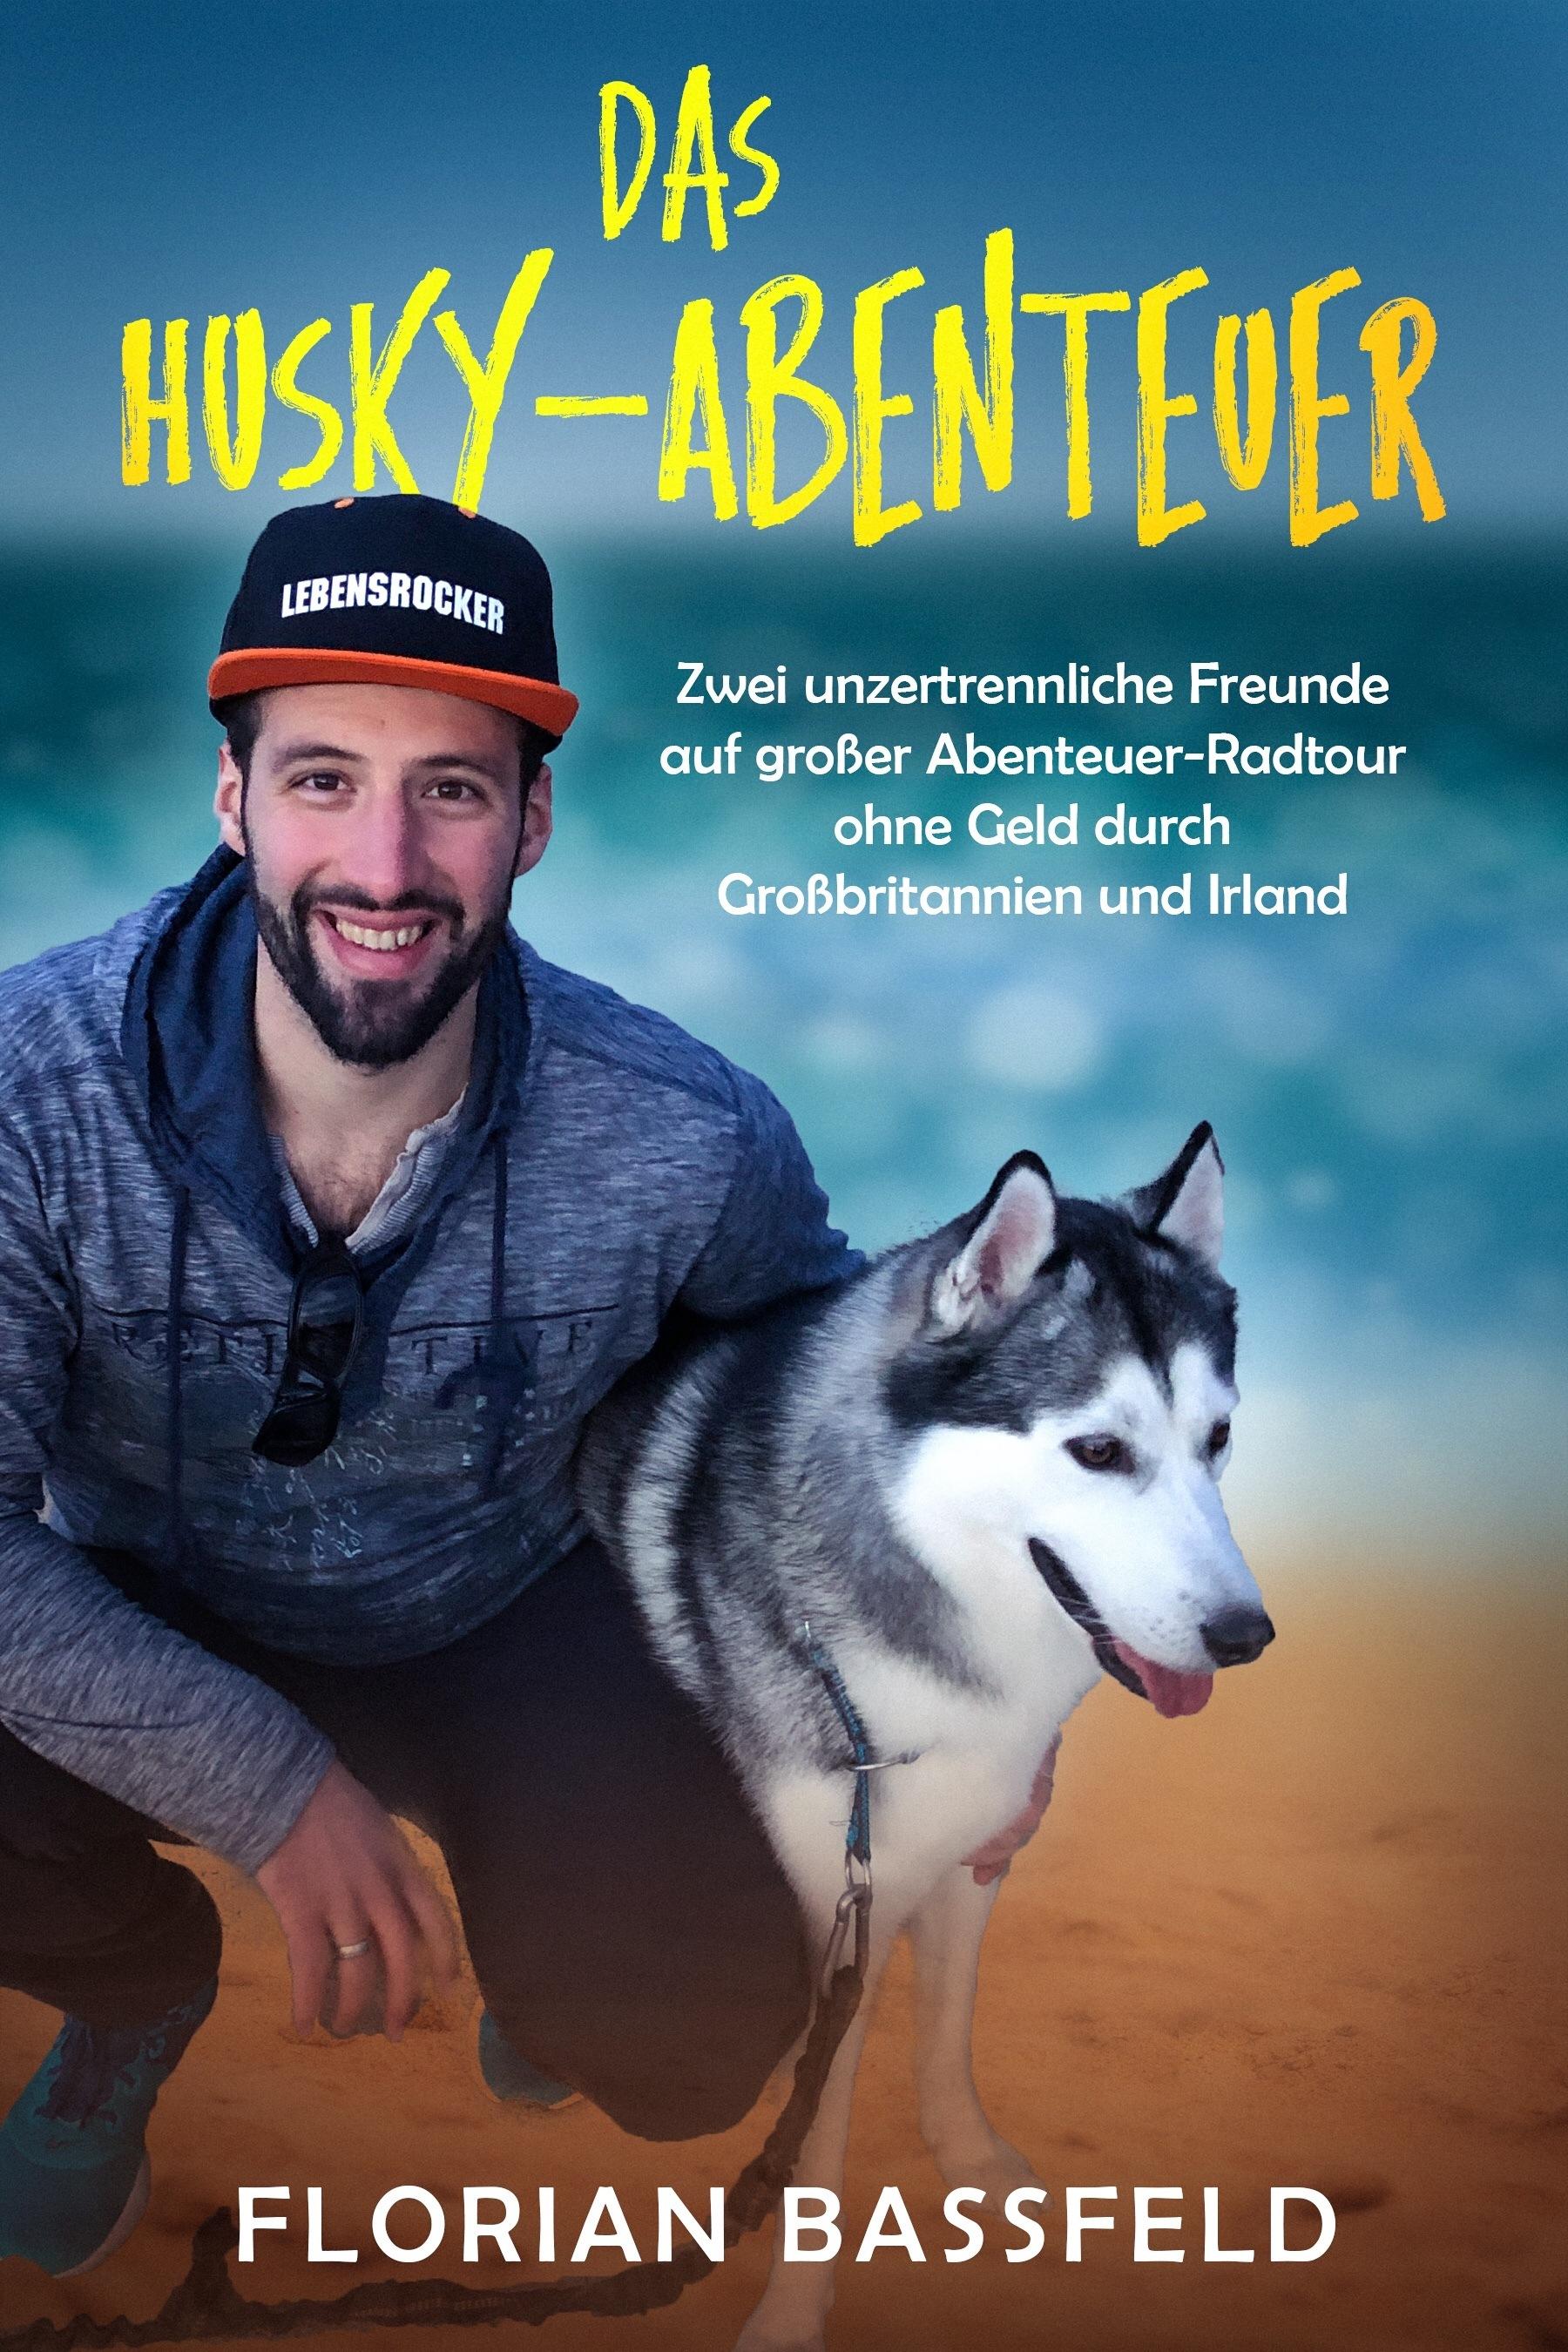 Das Husky-Abenteuer Florian Bassfeld